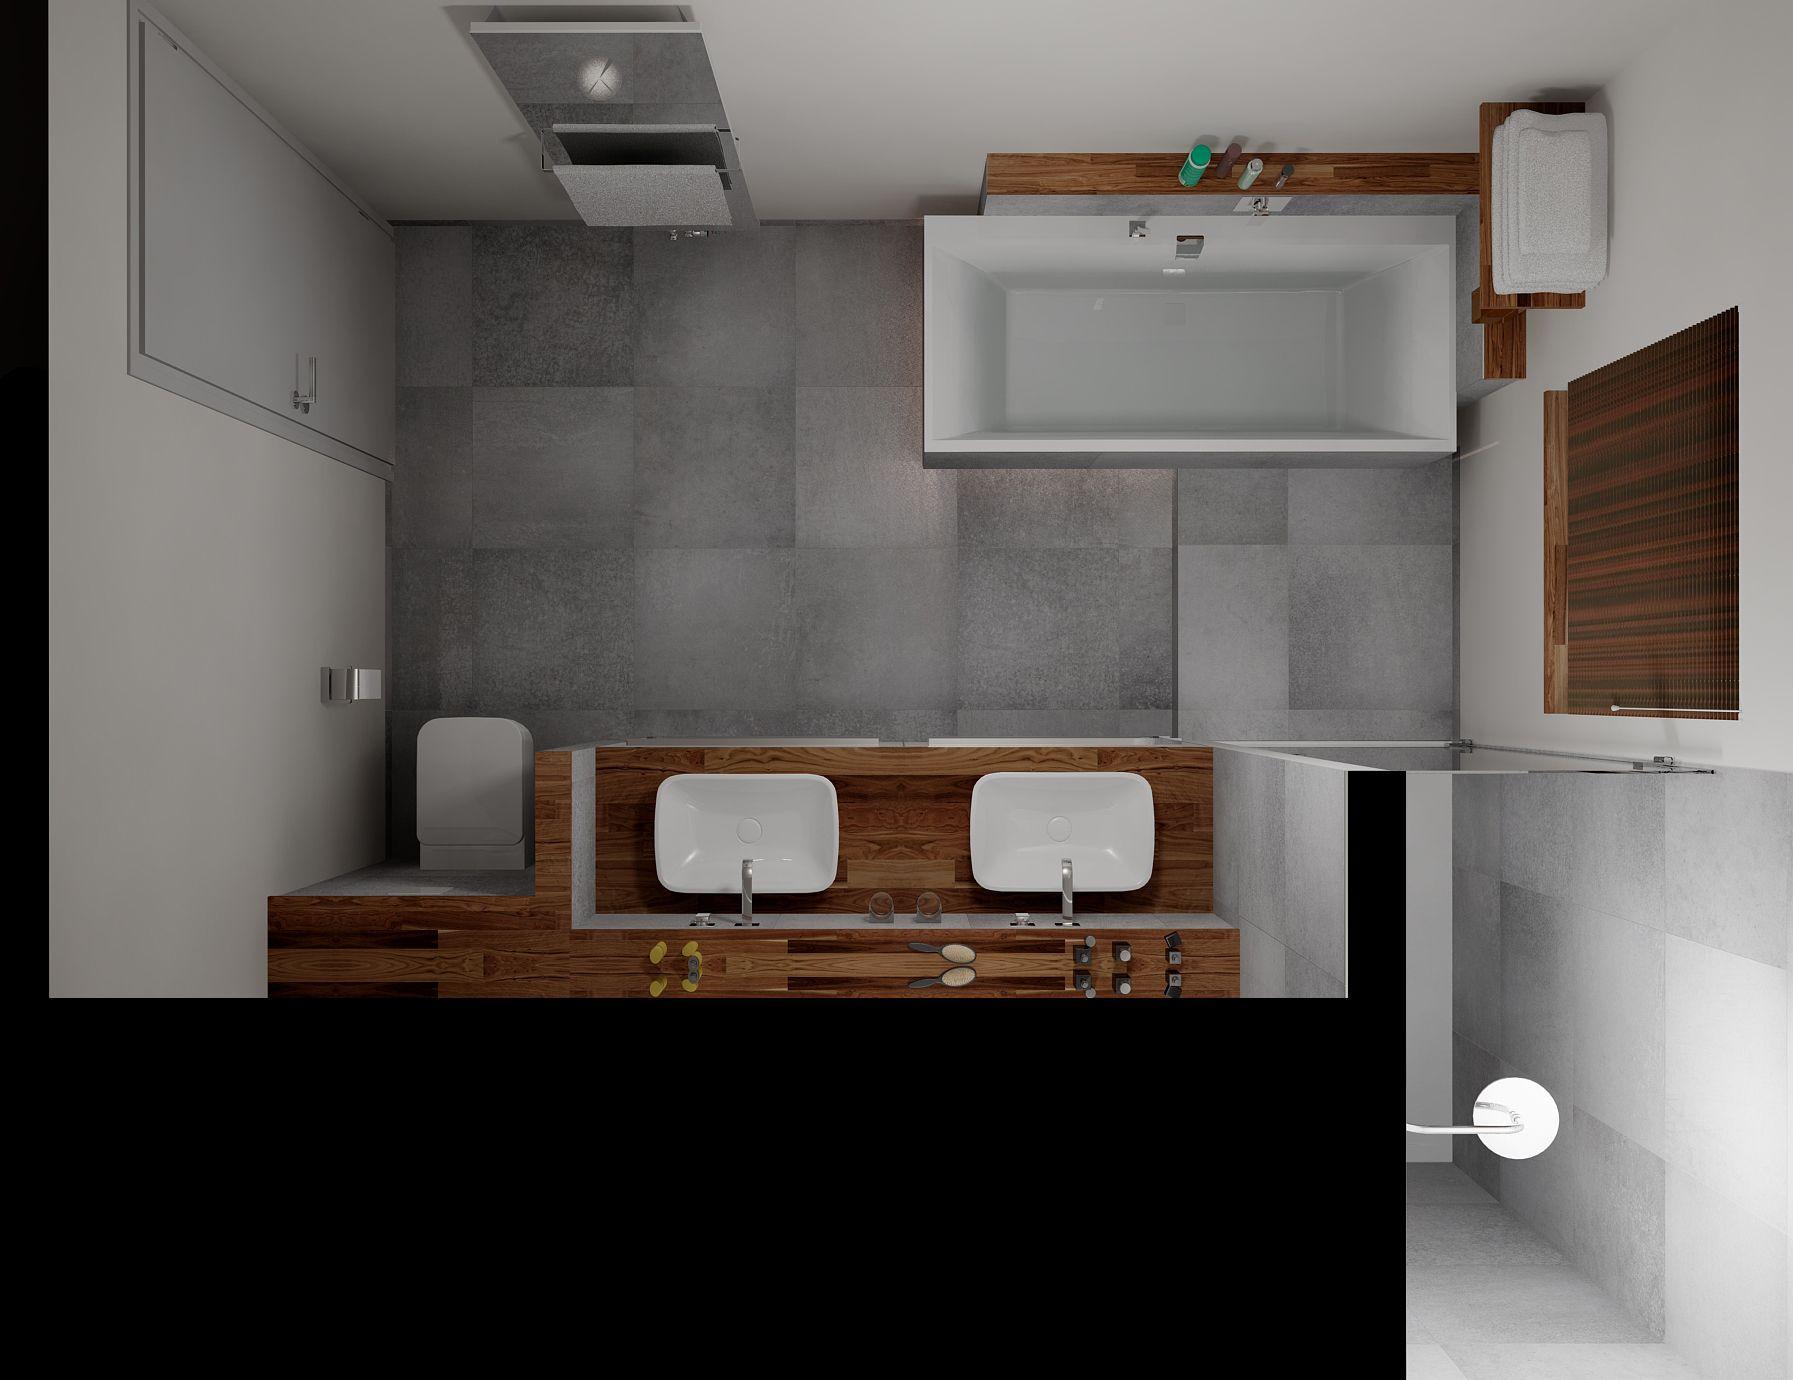 Ruime badkamer waarbij het ligbad enigszins los lijkt te staan van ...